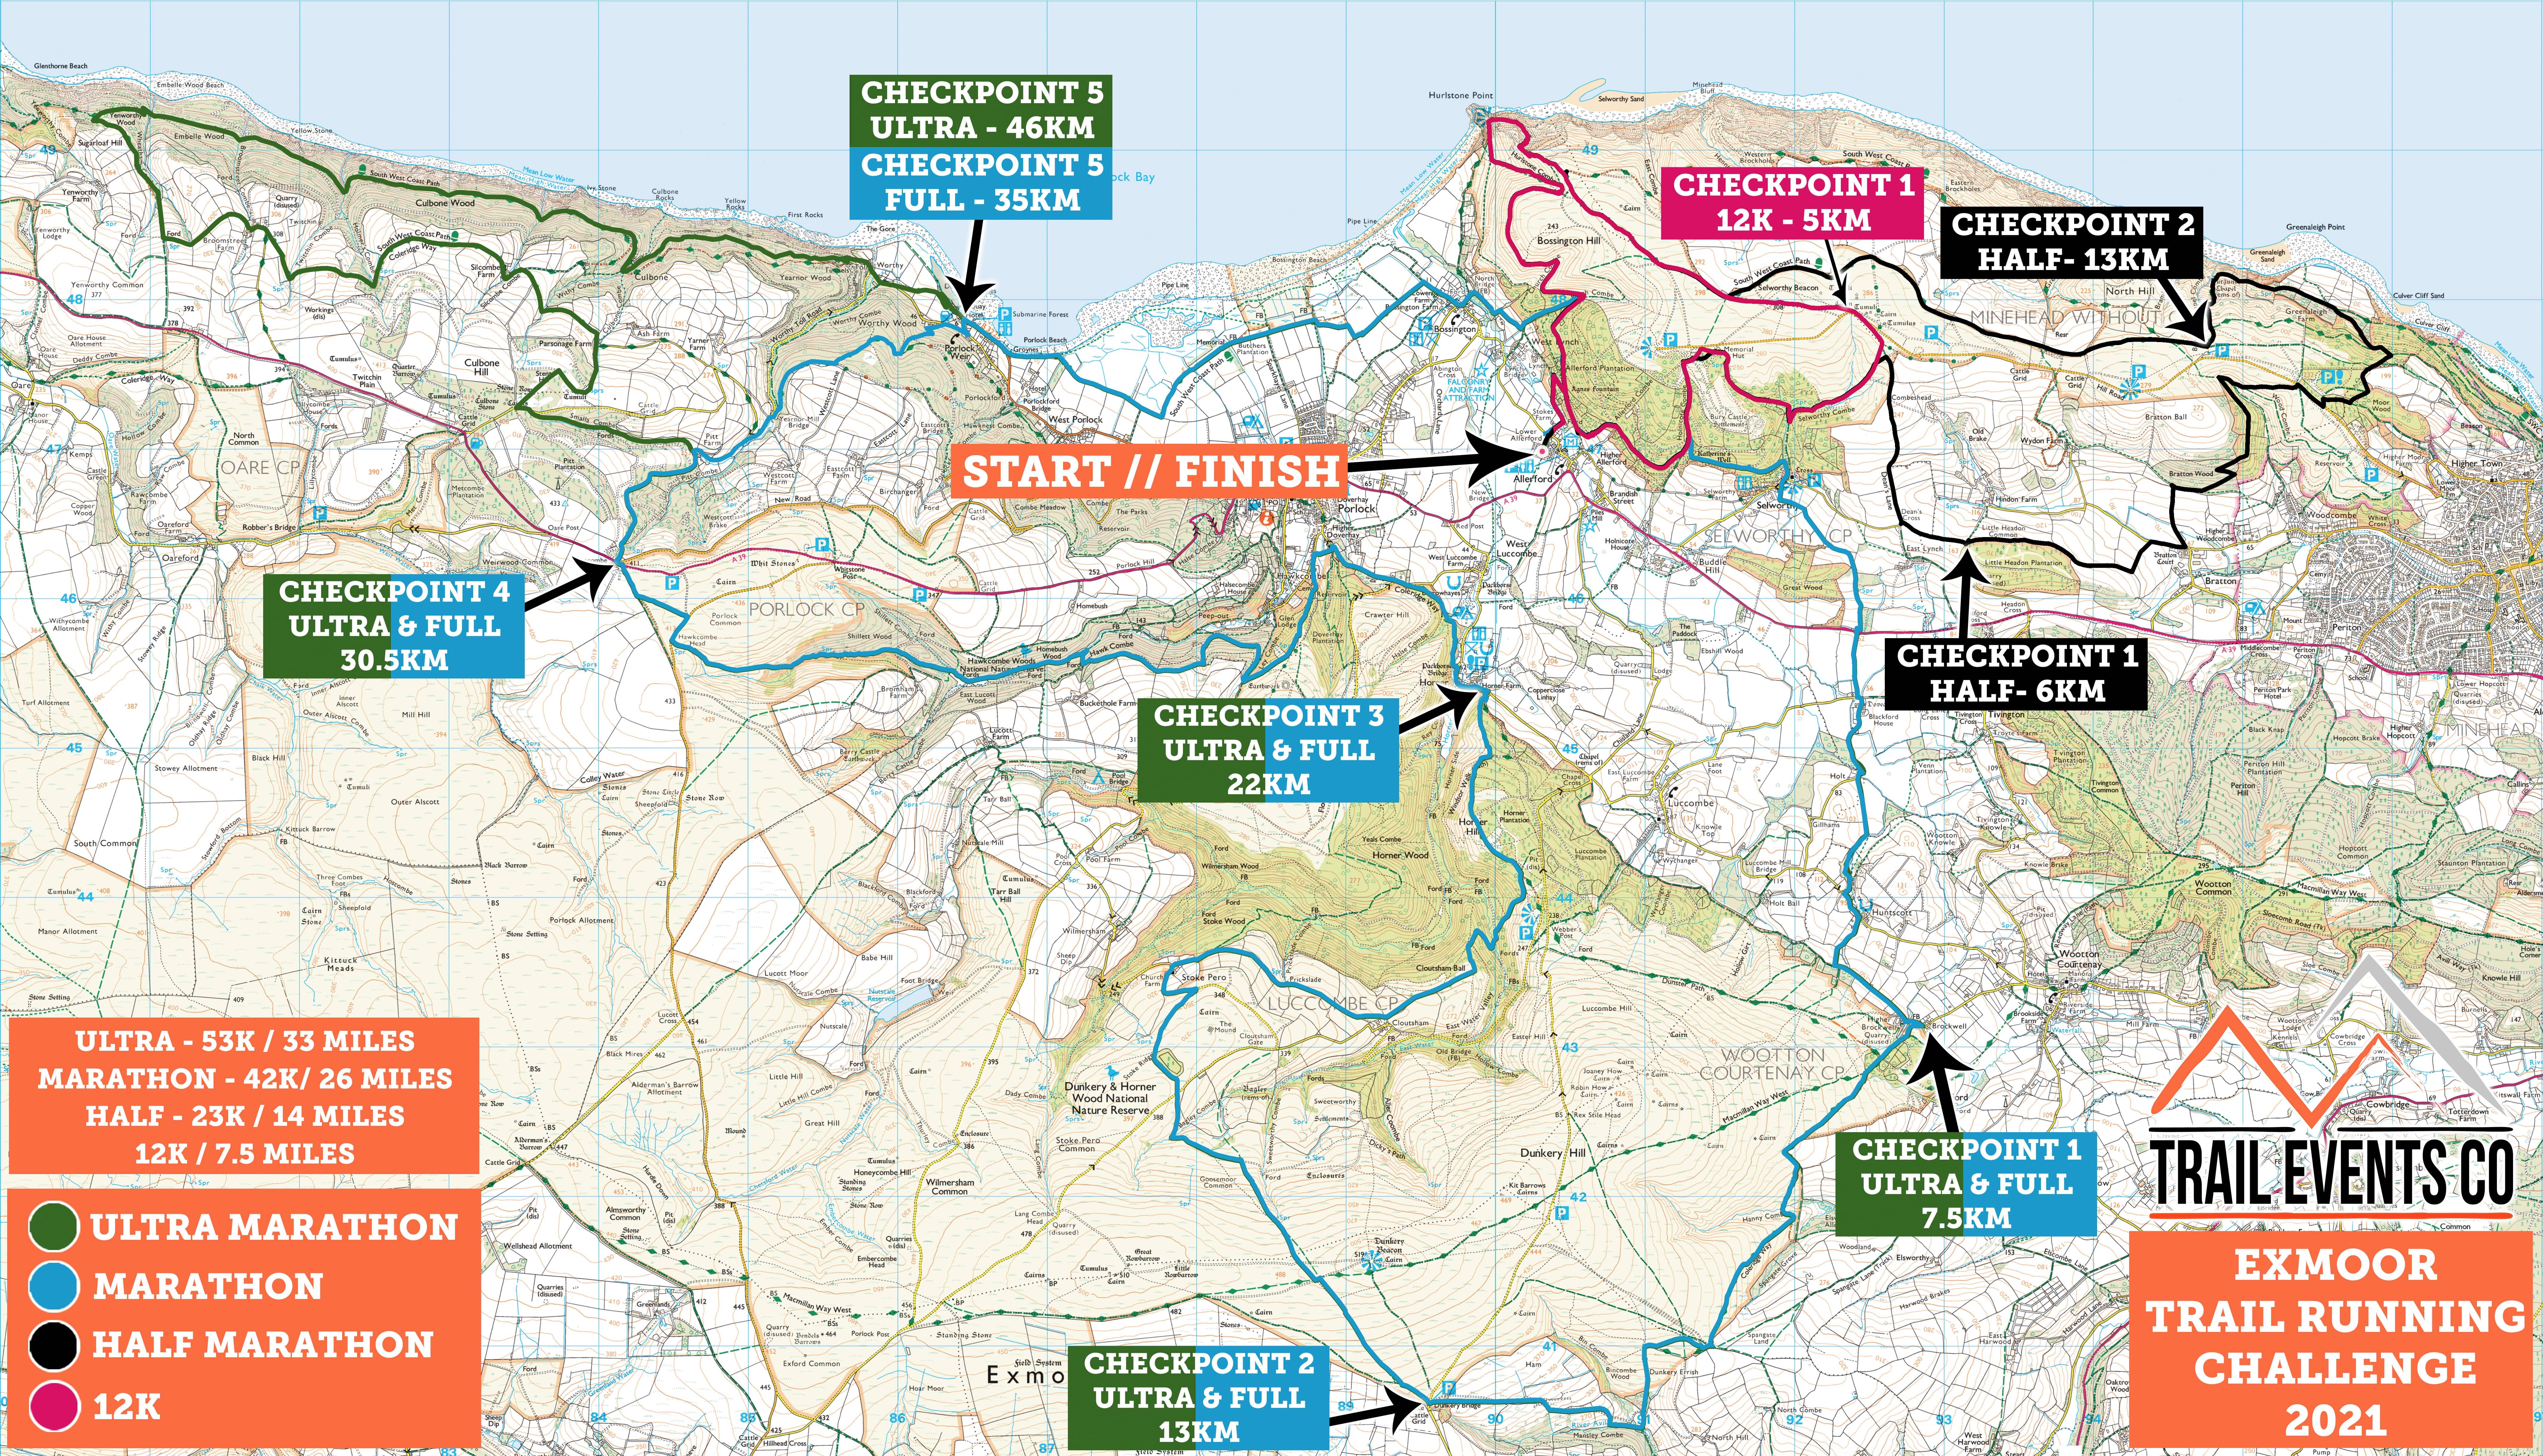 Exmoor Multi Route